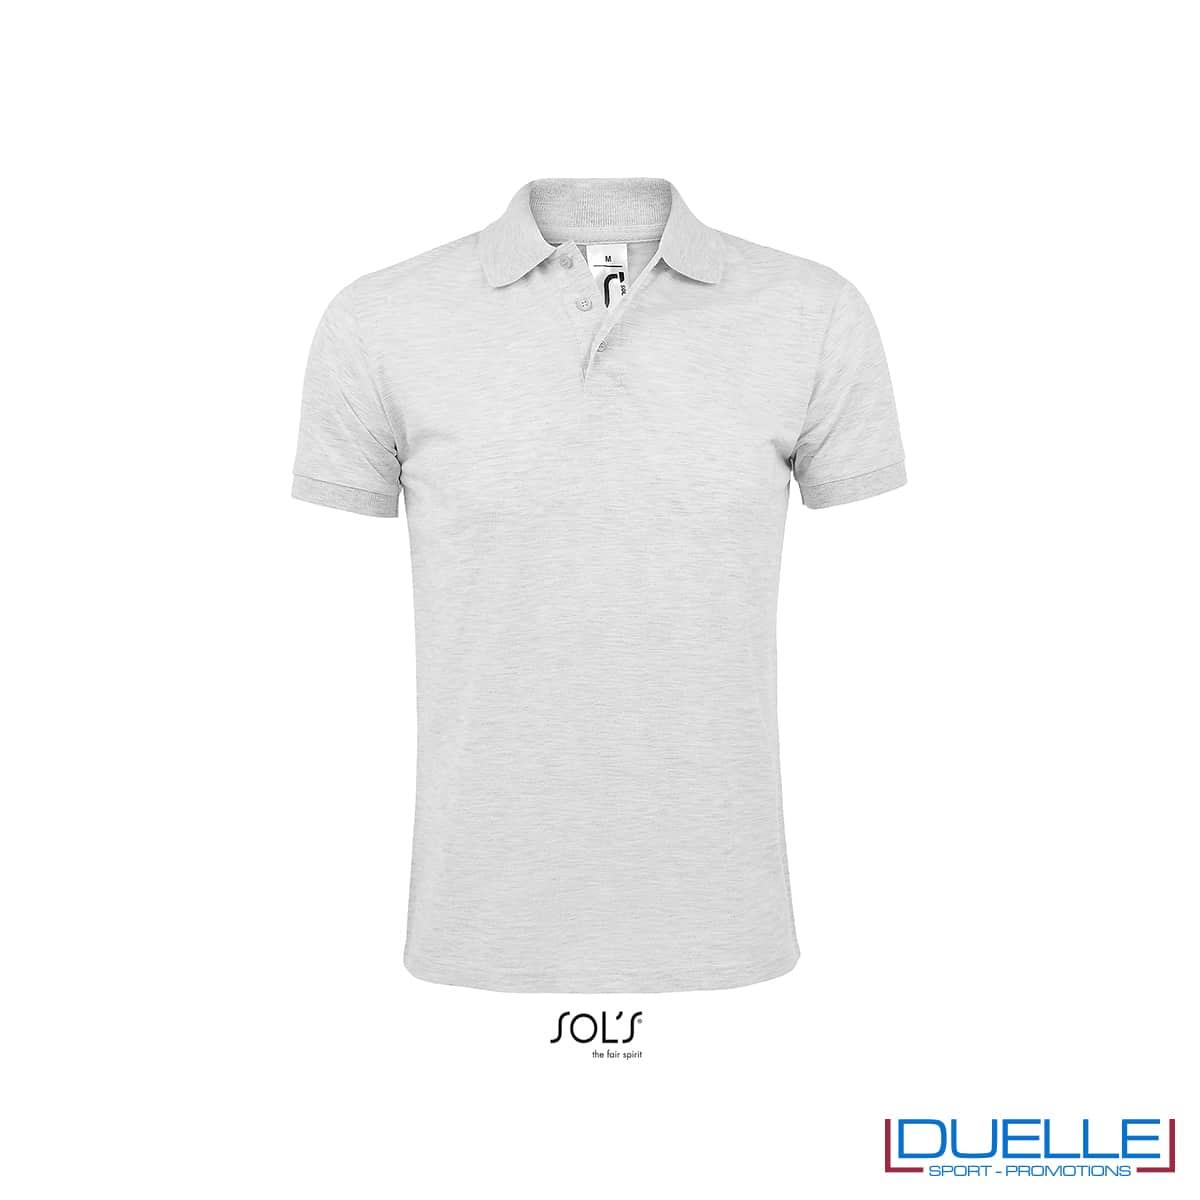 T-shirt polo promozionale cenere poliestere